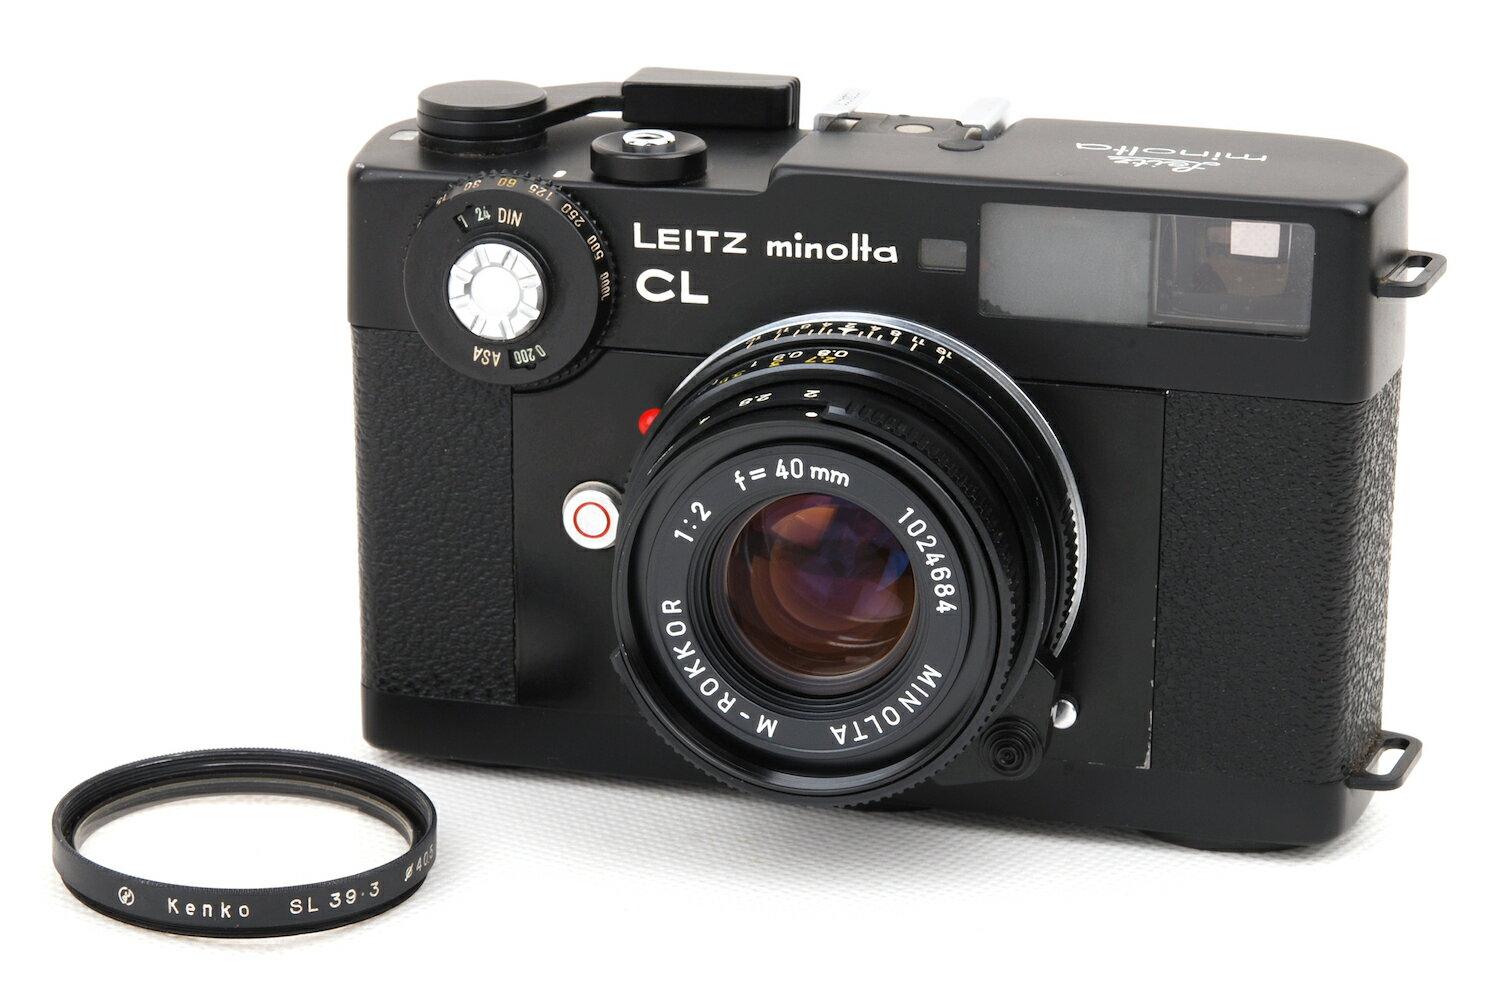 カメラ・ビデオカメラ・光学機器, レンジファインダー Leica leitz minolta CL M-Rokkor-QF 402 jp24379